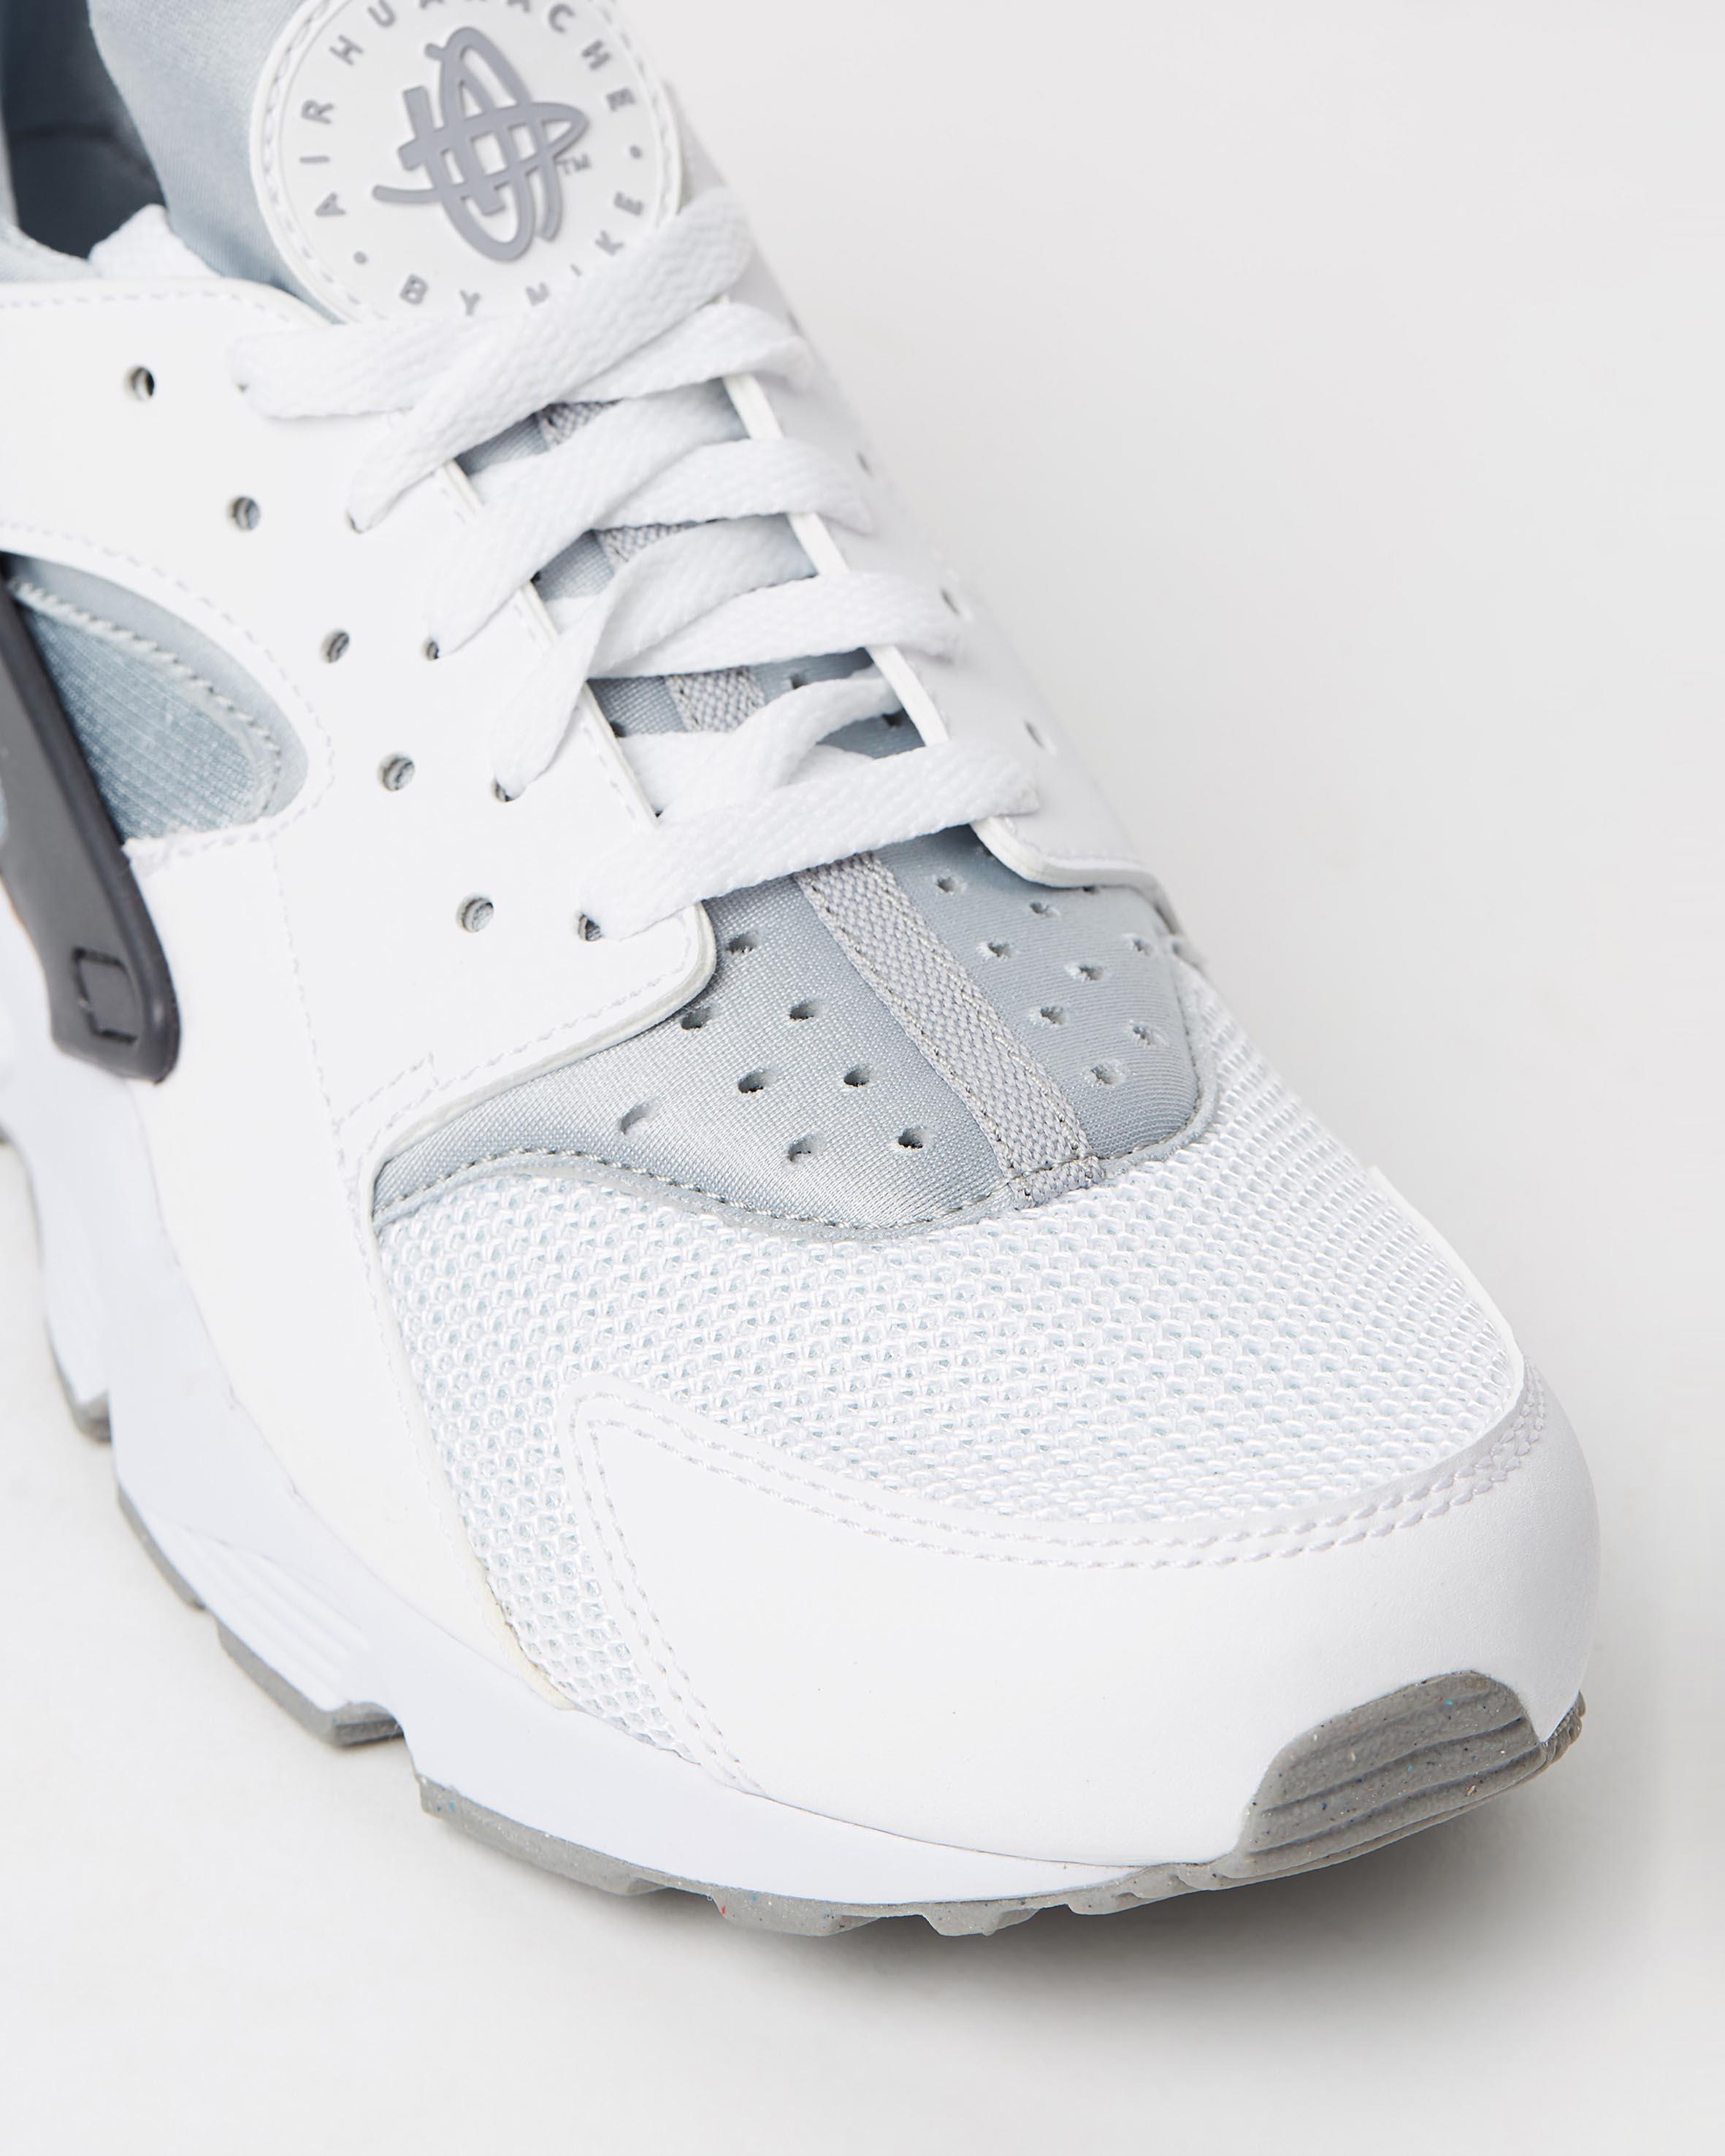 e966457bc25 ... Nike Mens Air Huarache White Wolf Grey 4